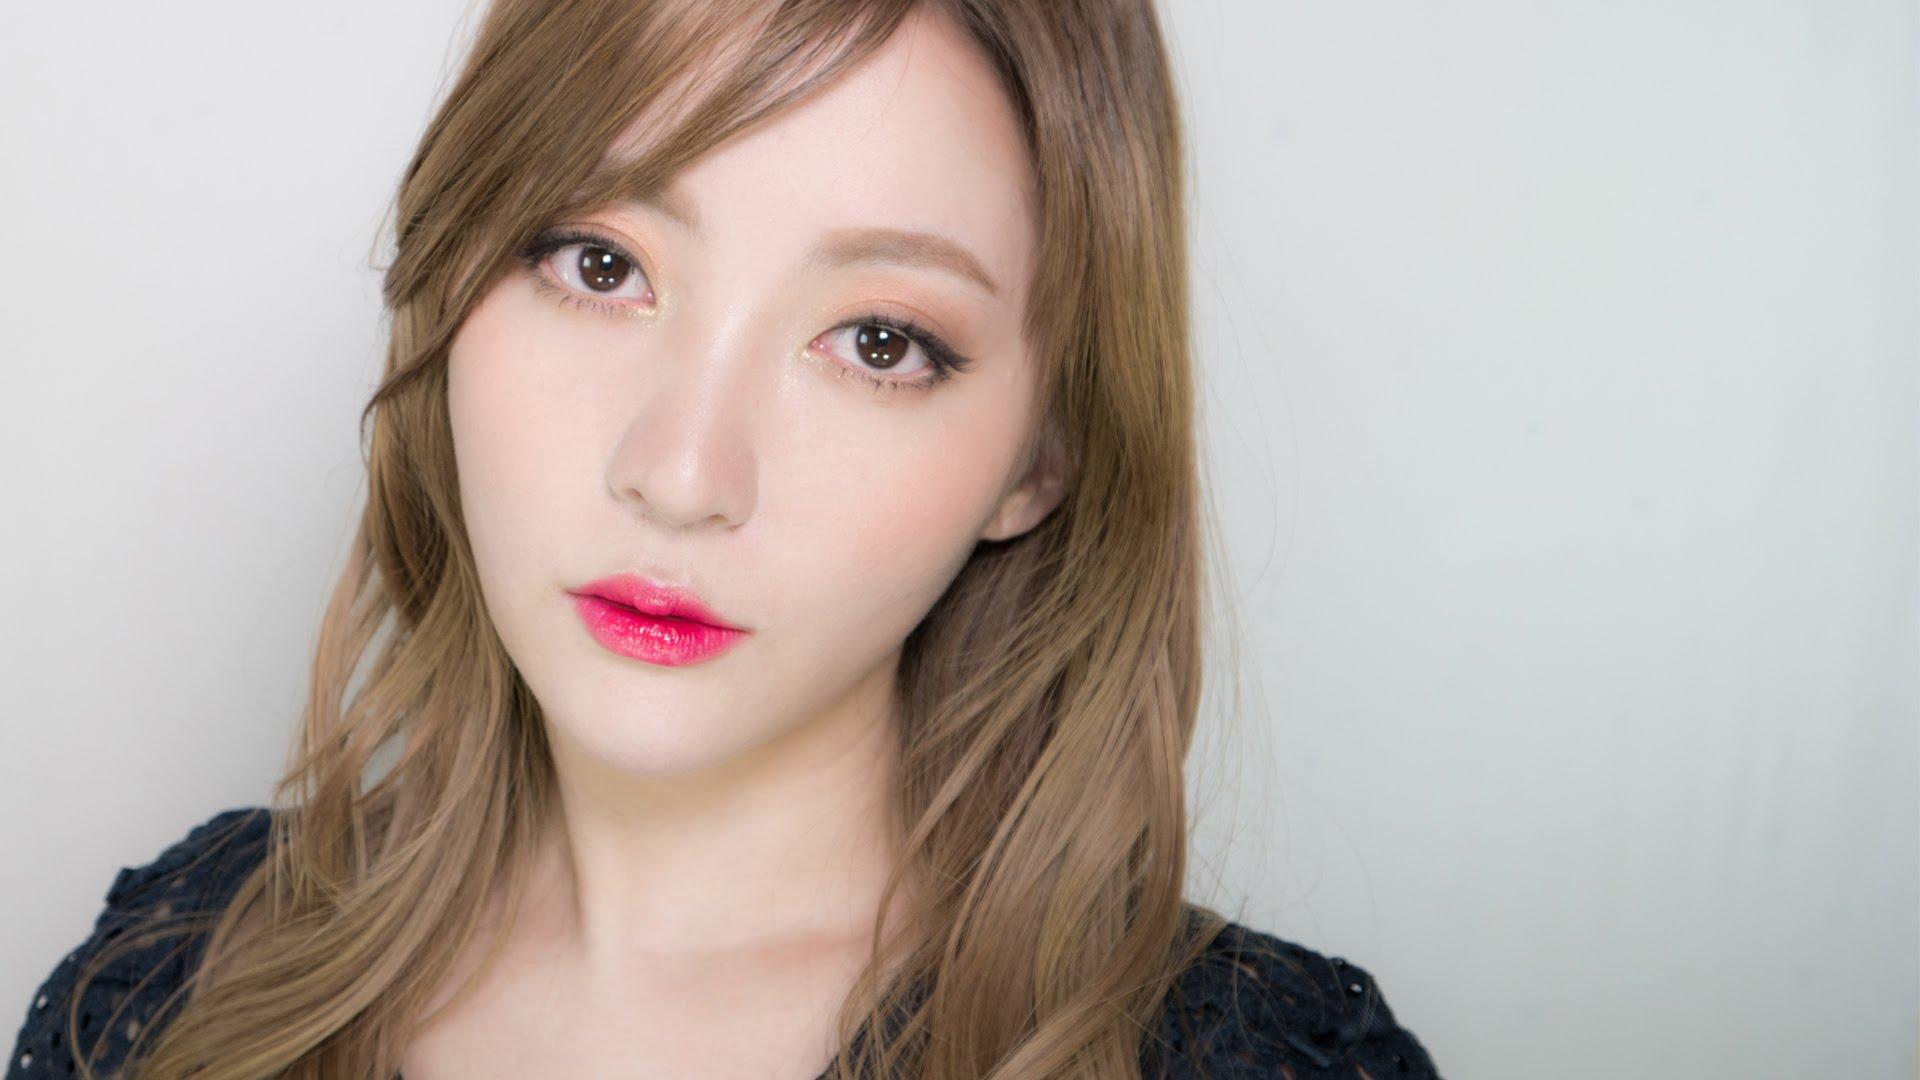 会社員 A:韓国コスメを使ったヘア&メイク動画をアップする日本語も堪能なビューティー系韓国人YouTuberである会社員A。韓国国内で運営する2つのYouTubeチャンネル登録者数は150万人を超え、日本語チャンネルをあわせると、200万以上のチャンネル登録者数を誇る韓国のビューティー系トップユーチューバー。